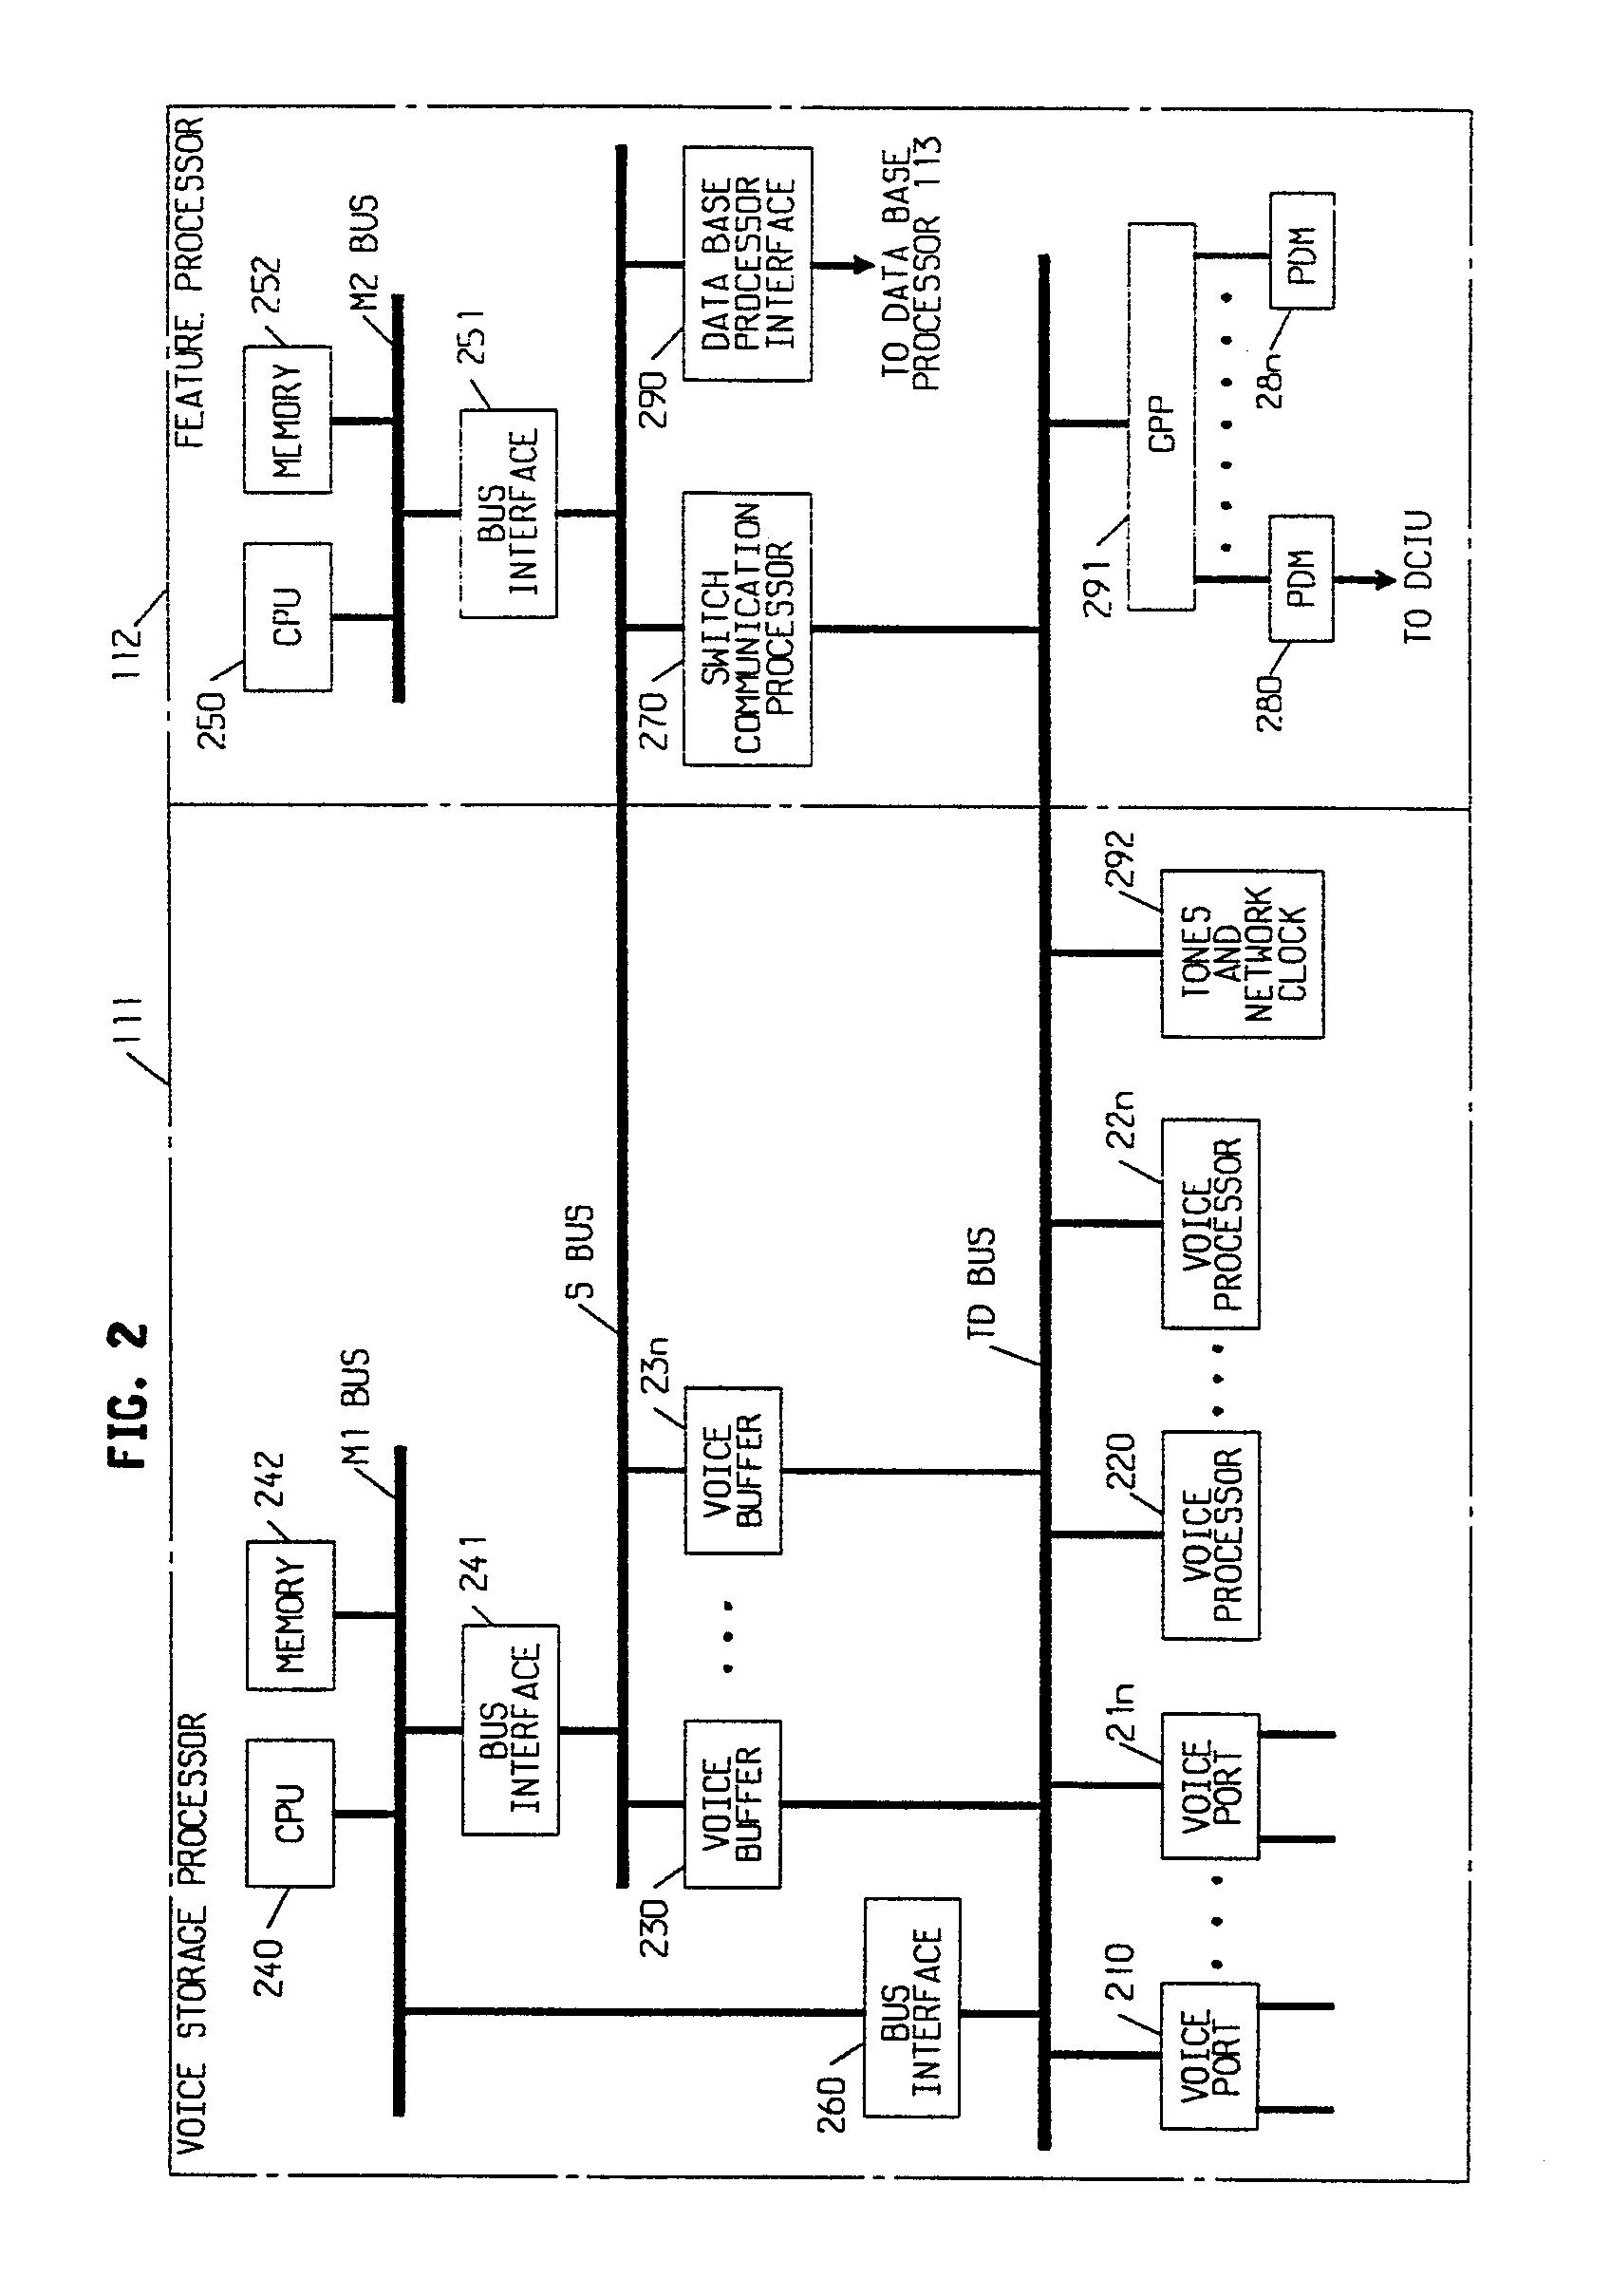 专利ep0255325a2 - call transfer between a message